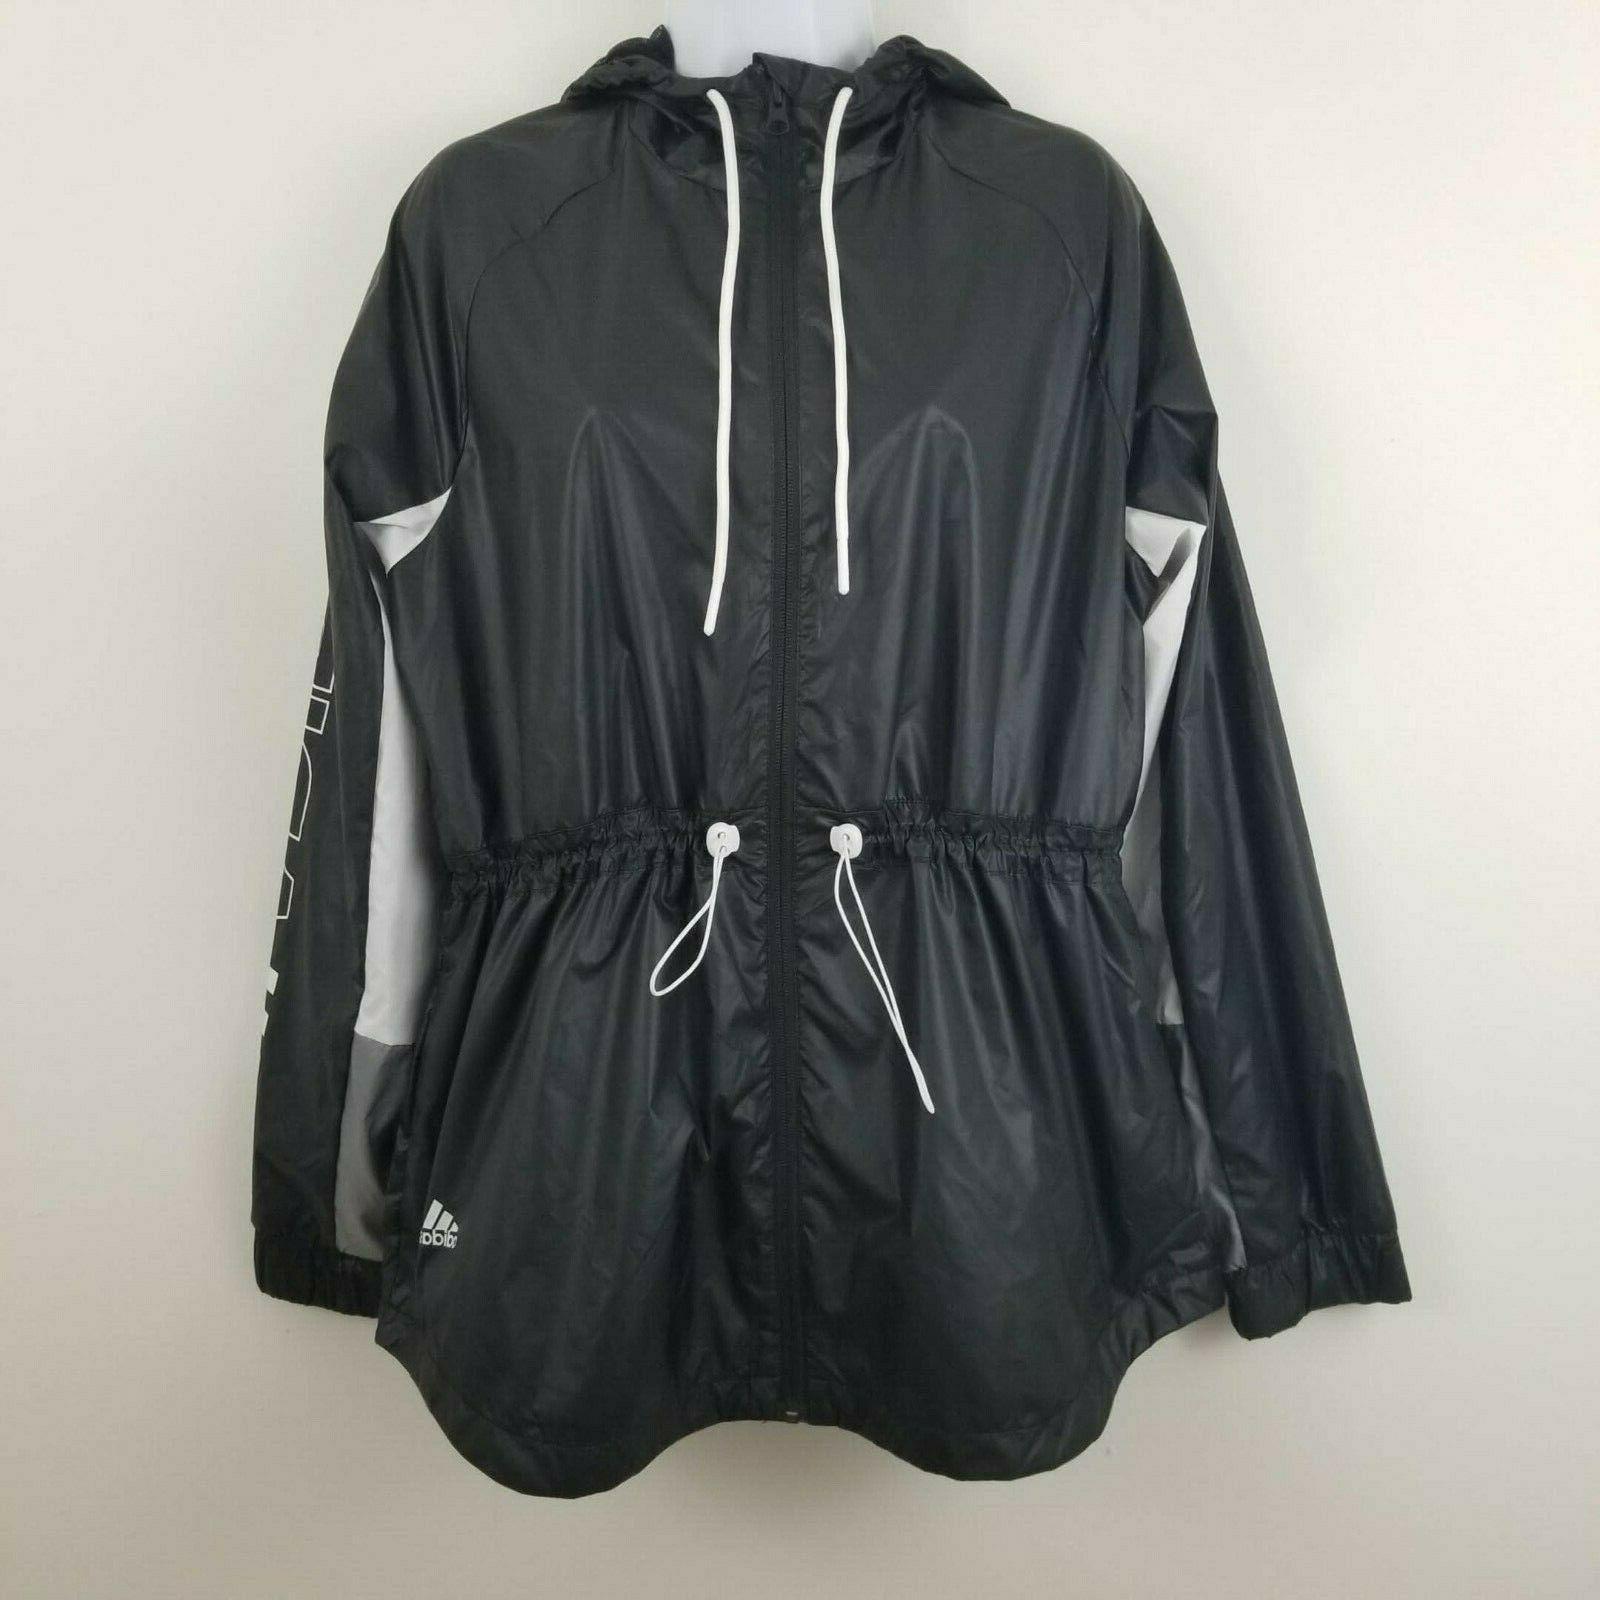 Adidas Large Rain Black and White